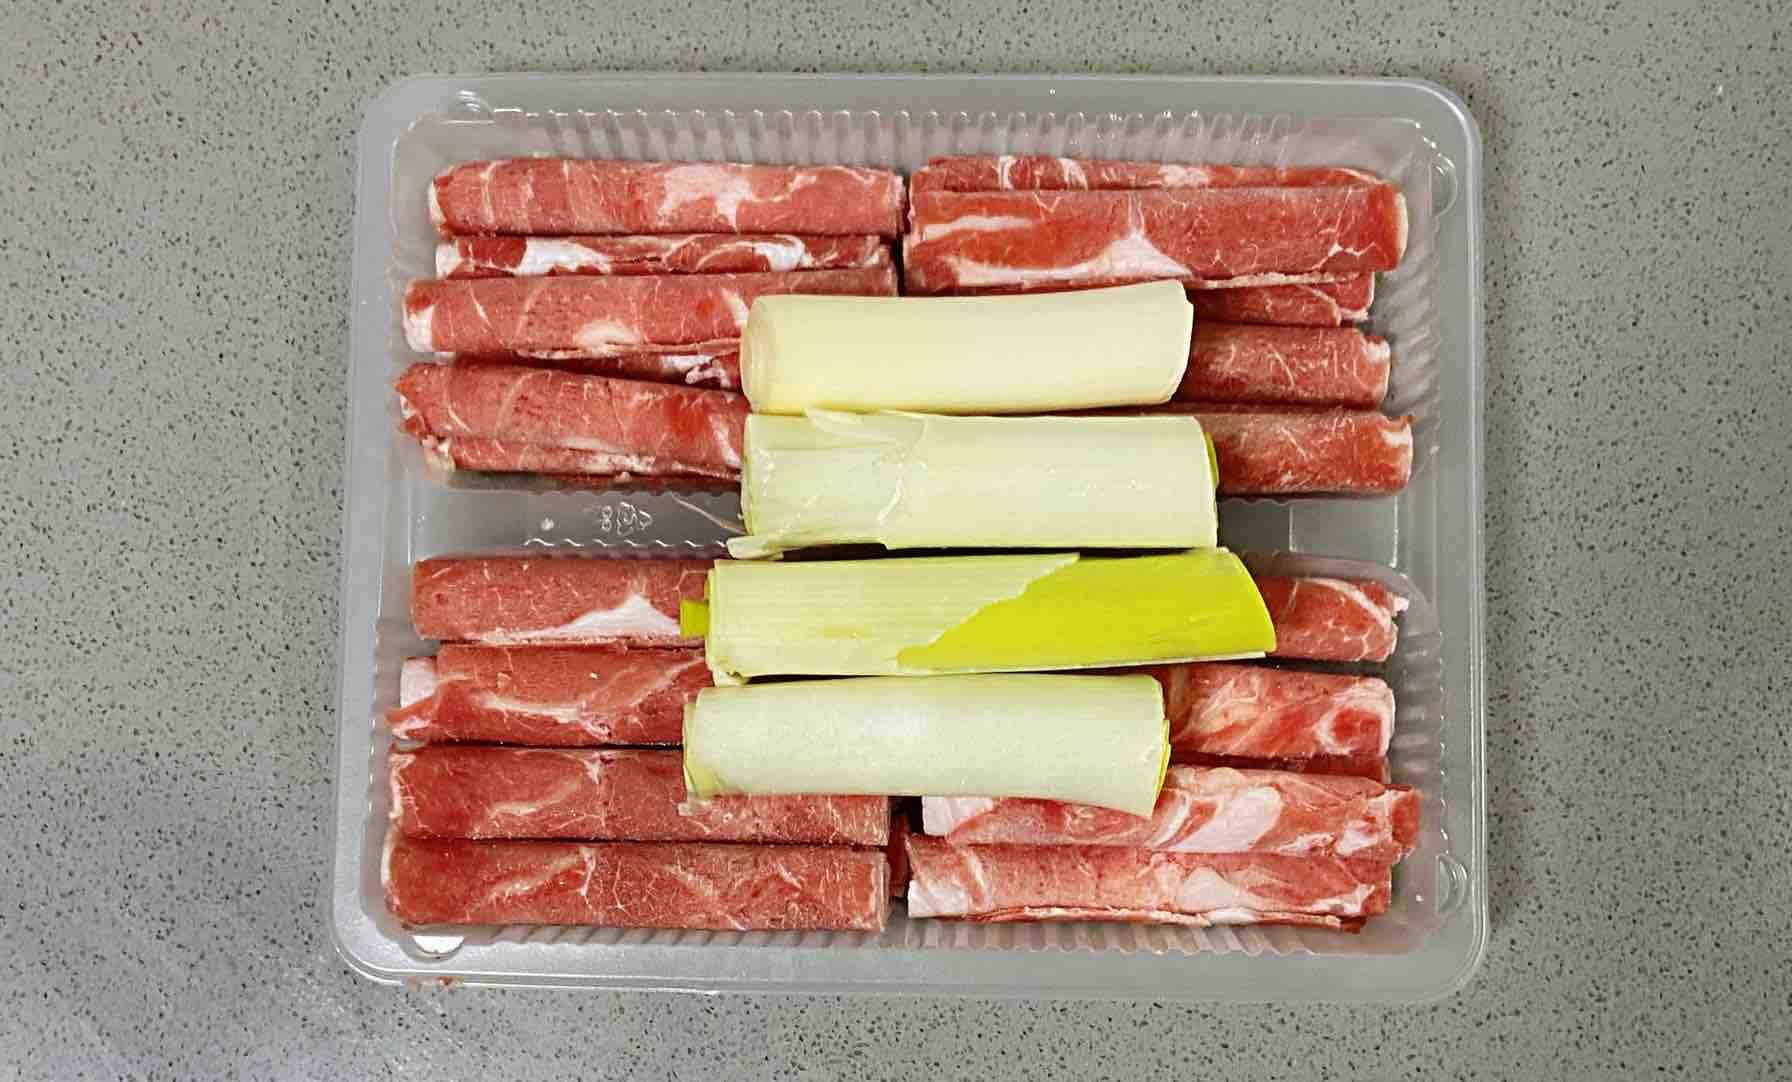 【孕妇食谱】葱爆羊肉,香而不膻,超级下饭~的做法大全